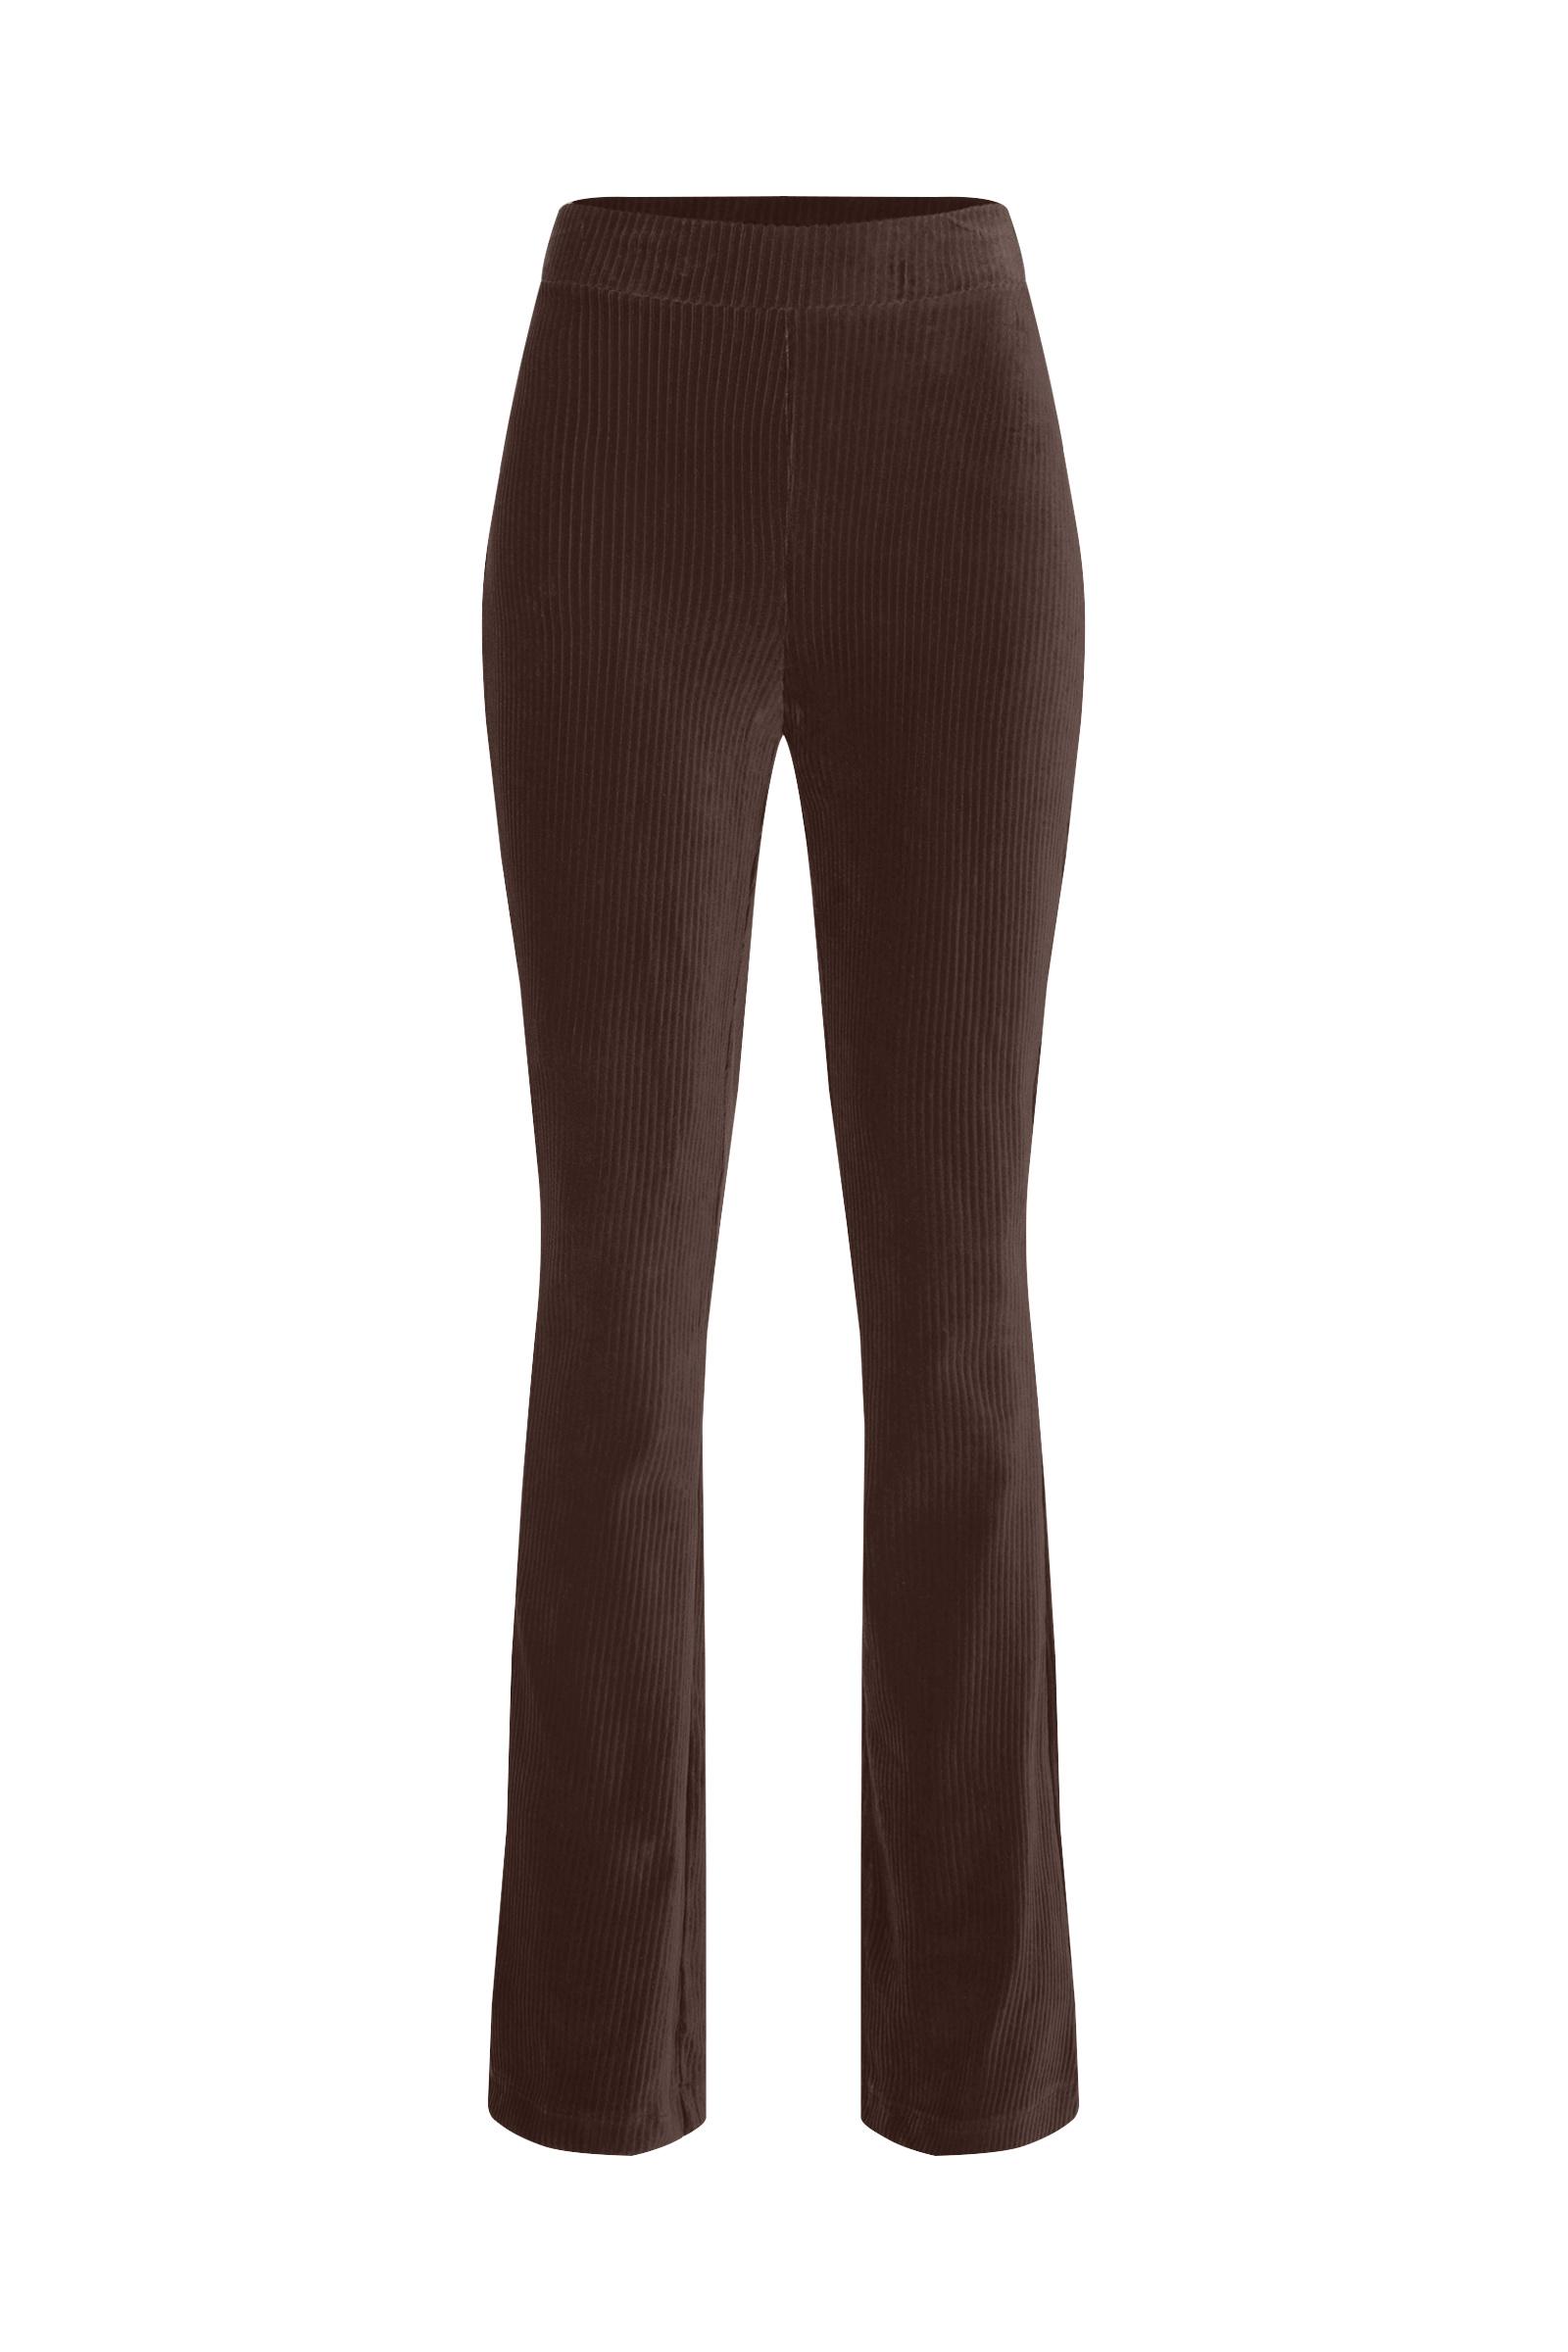 Dames flared broek van ribstof   95348971 WE Fashion